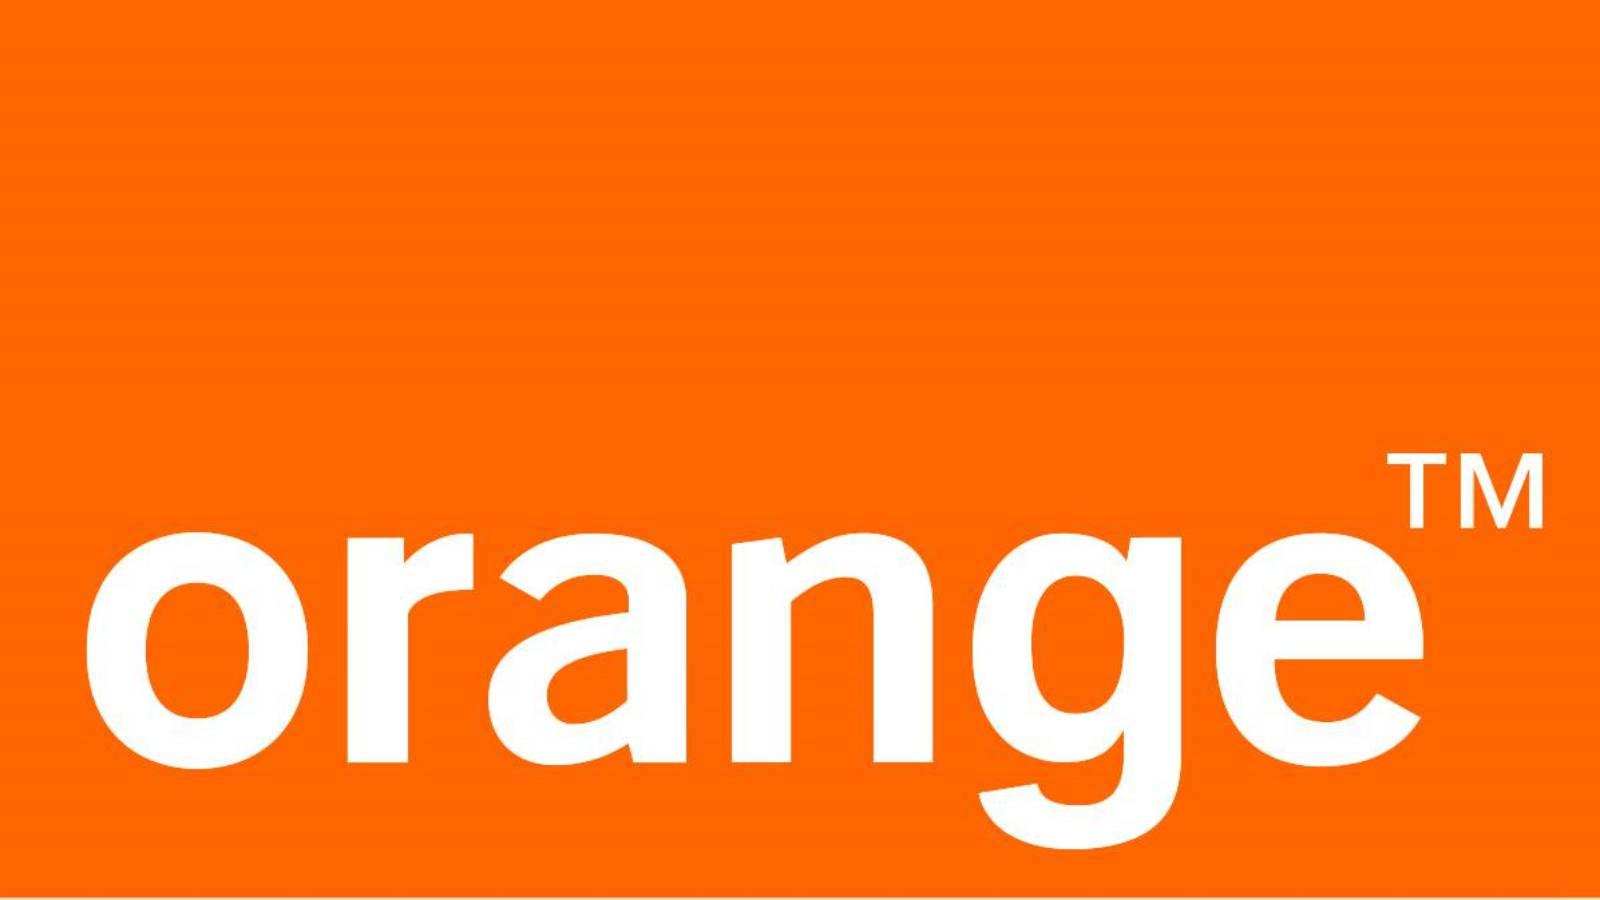 Orange gratuitati